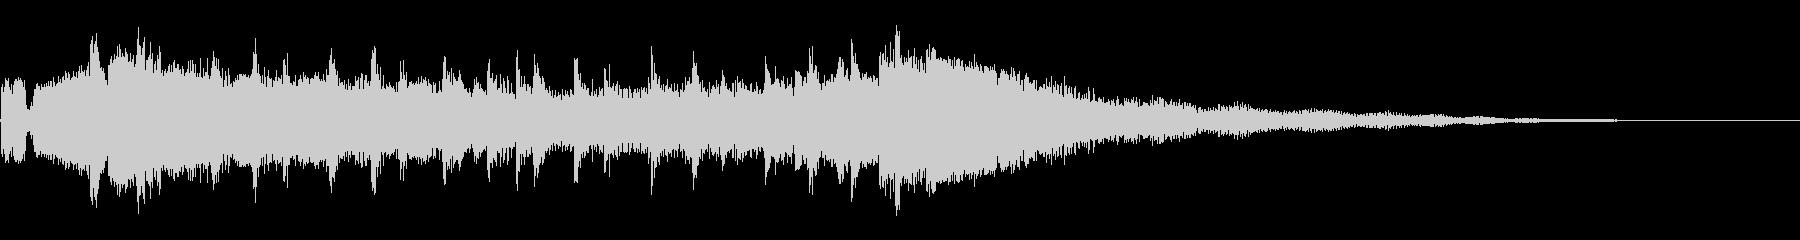 キックスタートの未再生の波形